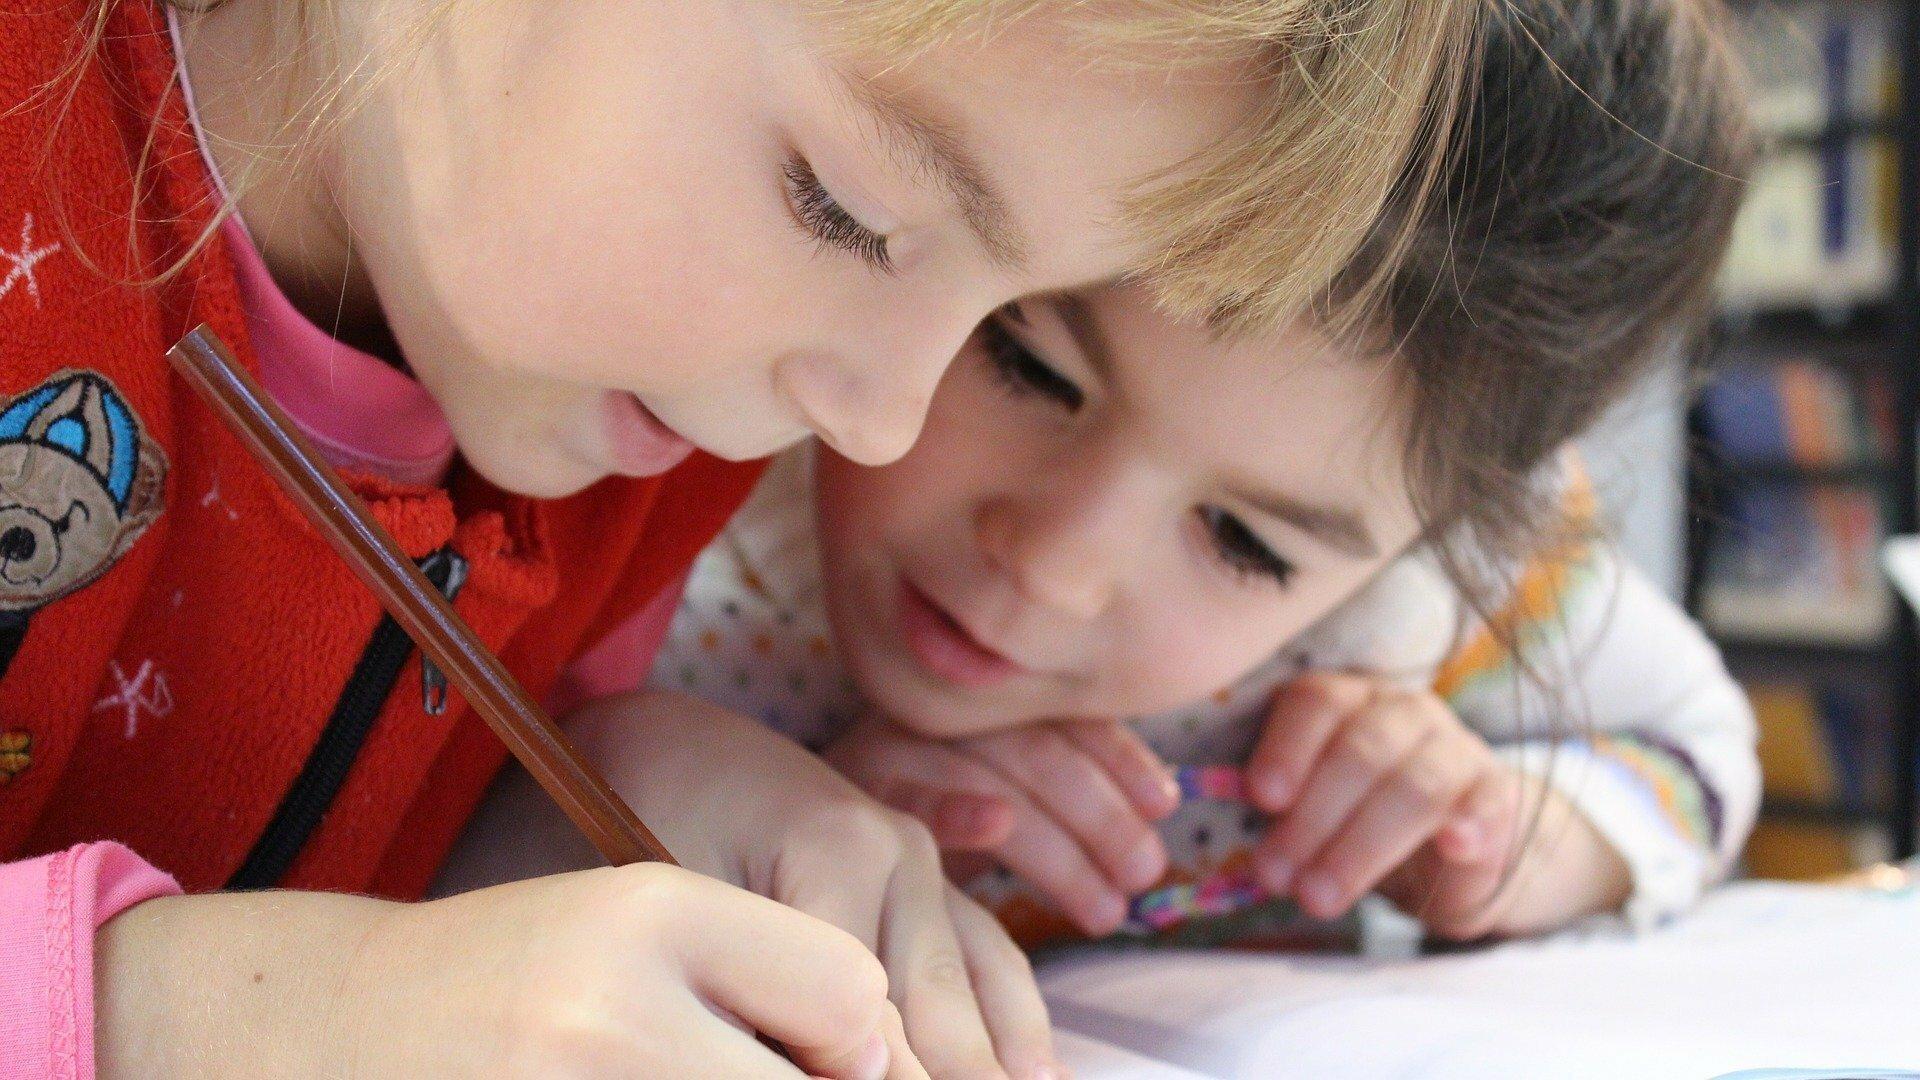 Zwei Mädchen beugen sich über ein Blatt Papier. Das eine Mädchen hat einen Stift in der Hand, mit dem sie malt.